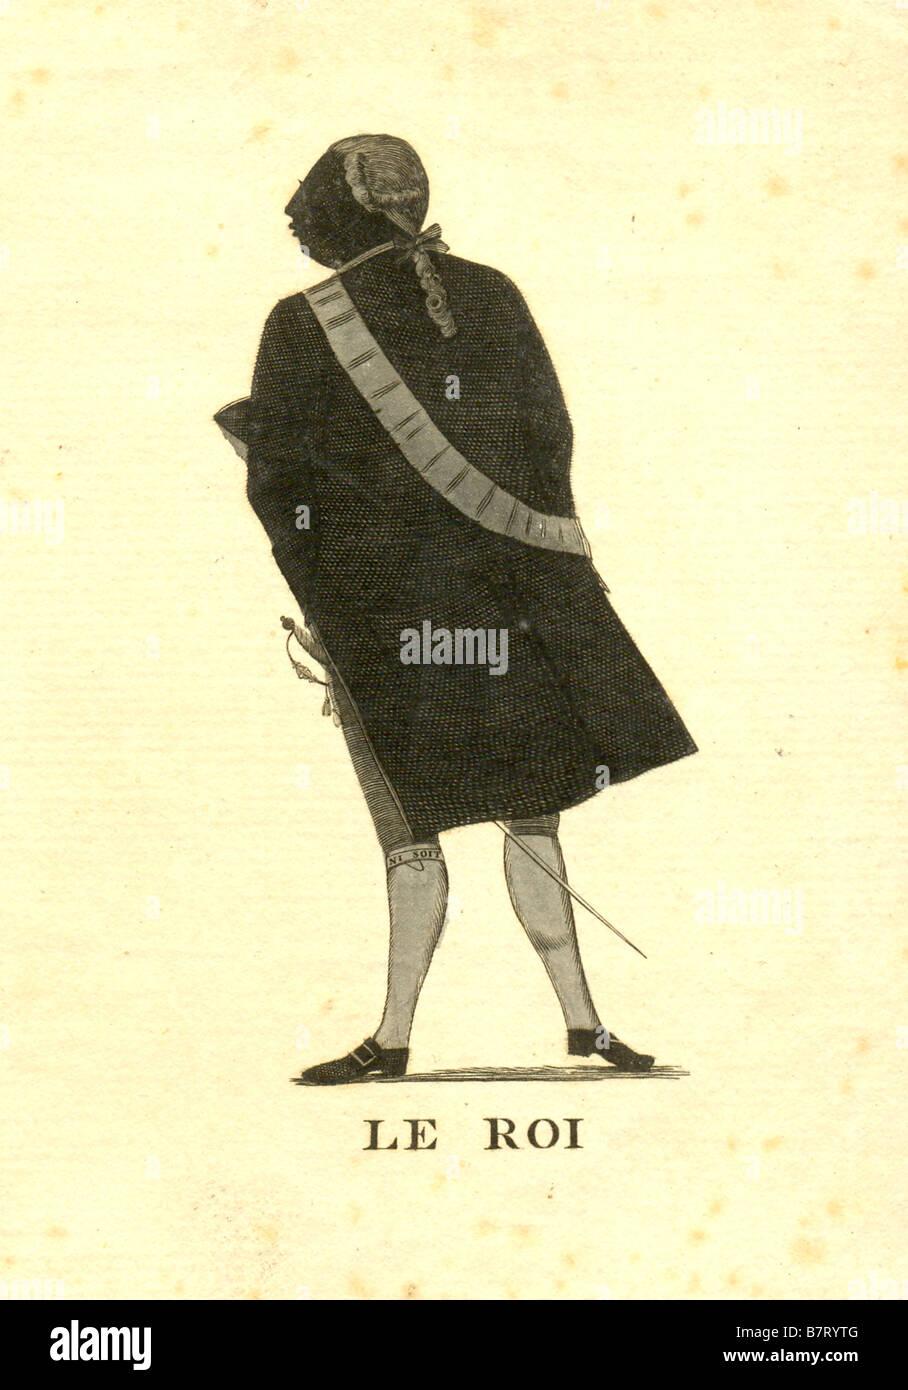 Xviii secolo silhouette ritratto di Re Giorgio III circa 1782 Immagini Stock